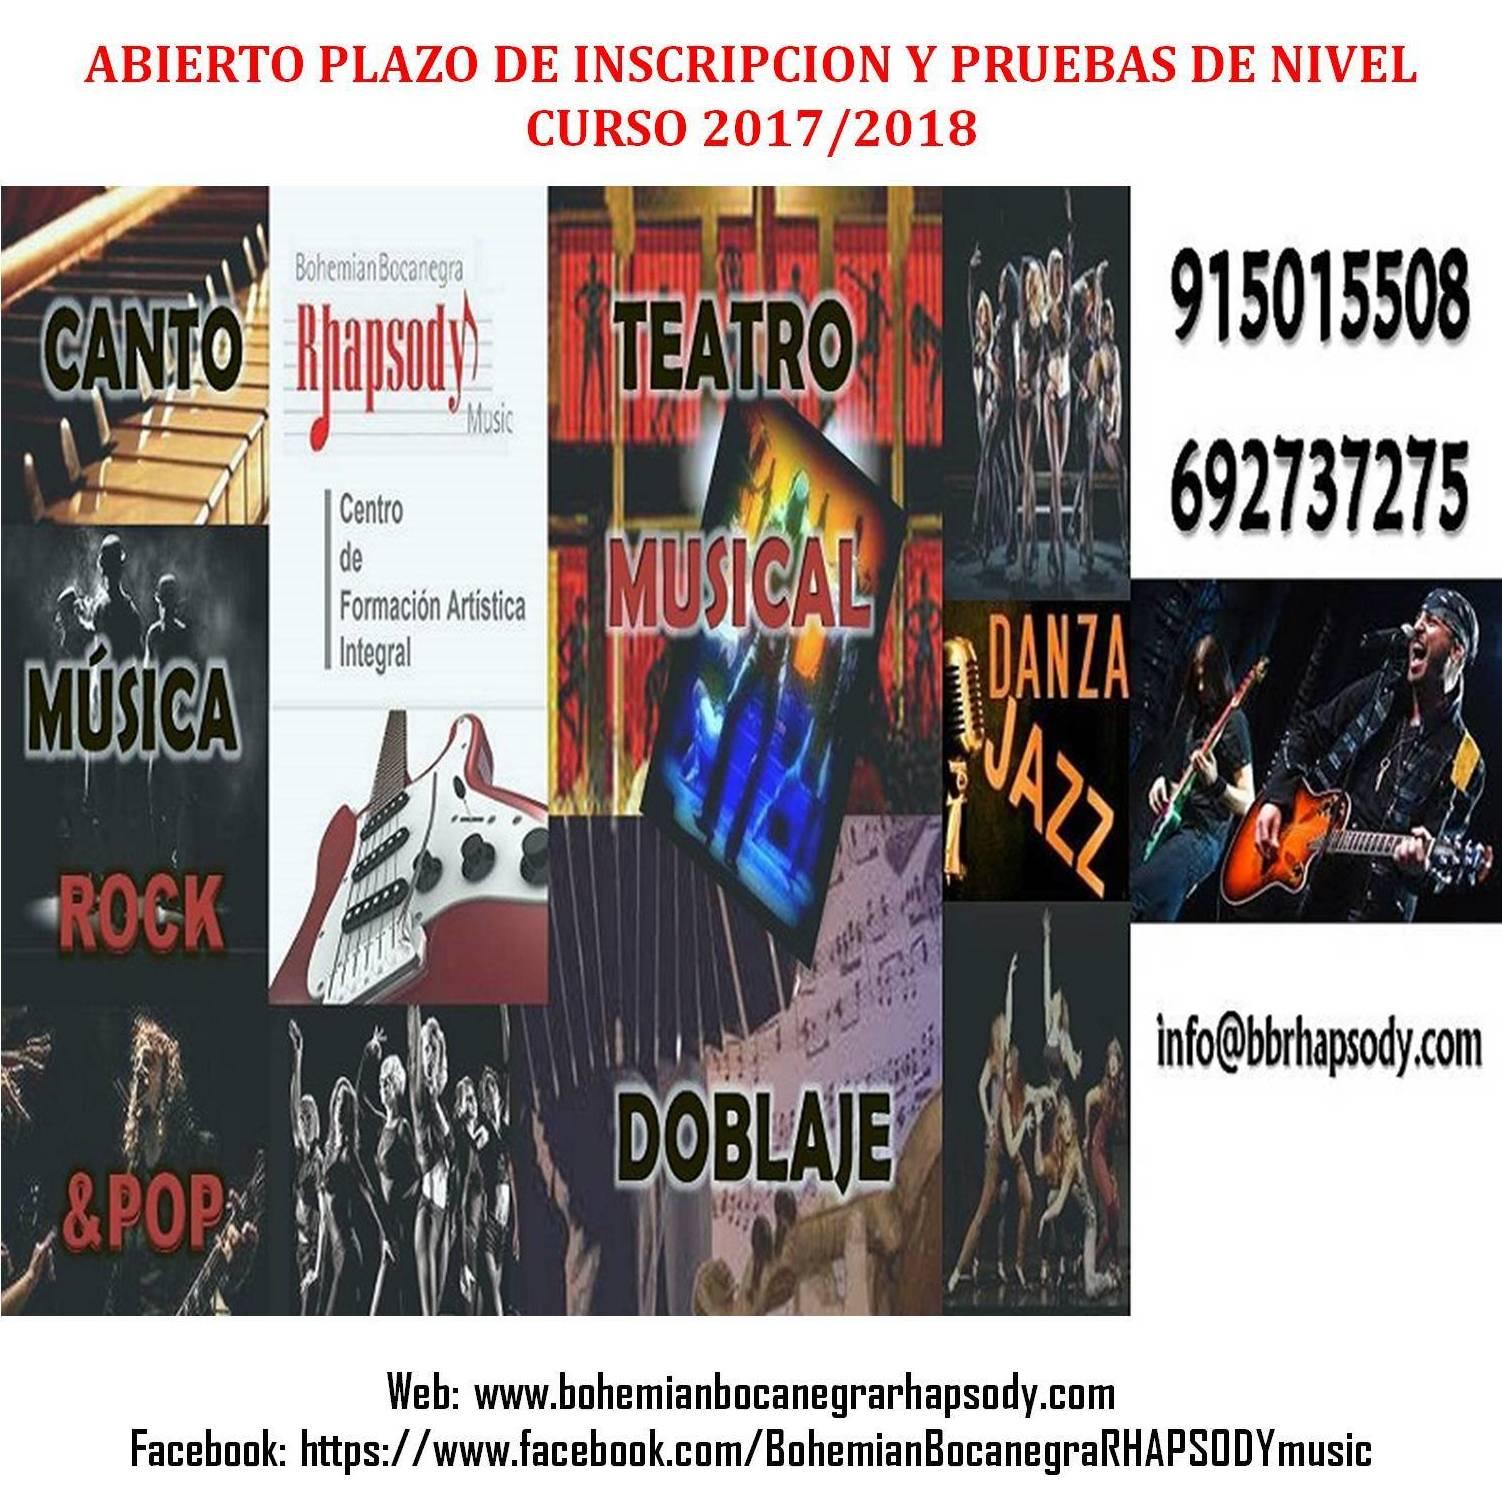 ABIERTO PLAZO DE INSCRIPCION Y PRUEBAS DE NIVEL  CURSO 2017/2018